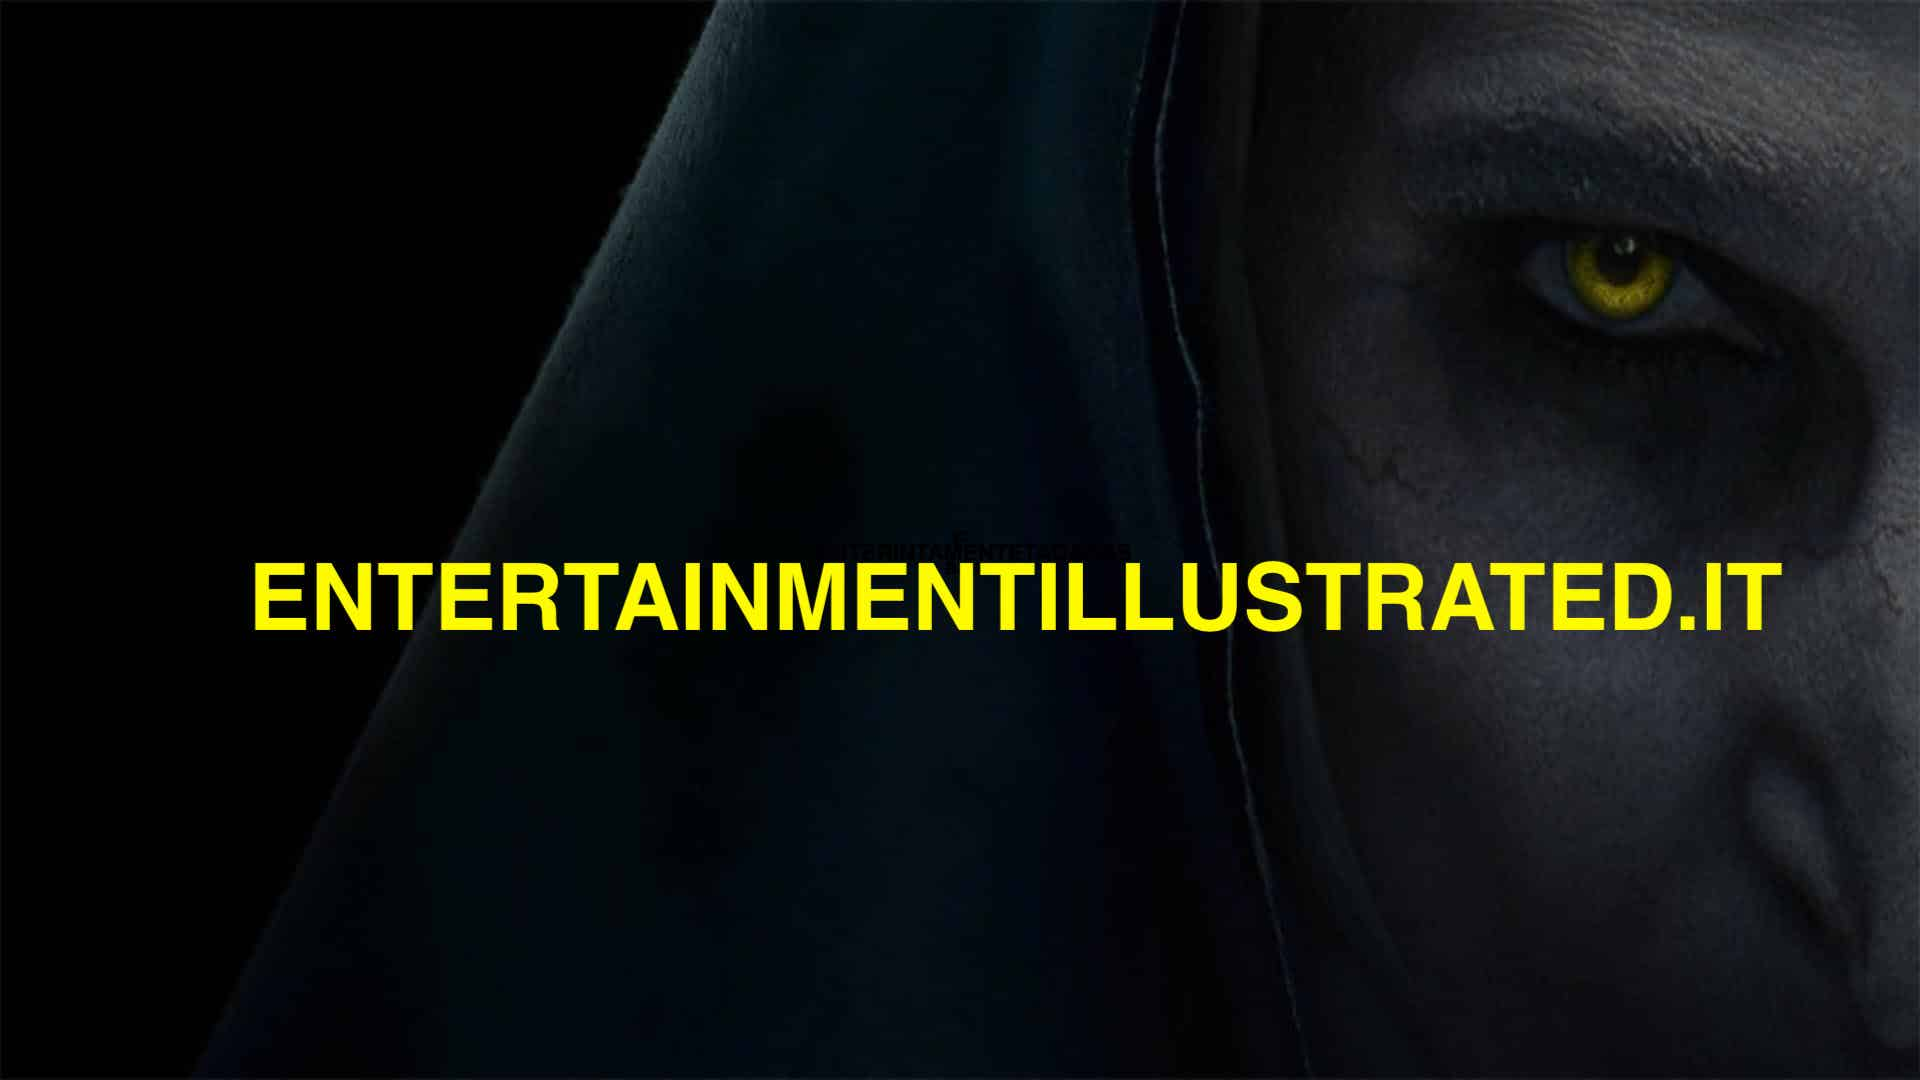 """Mediterraneo, il film restaurato in 4K per la rassegna """"Cinema sotto le stelle"""" di Rimini"""